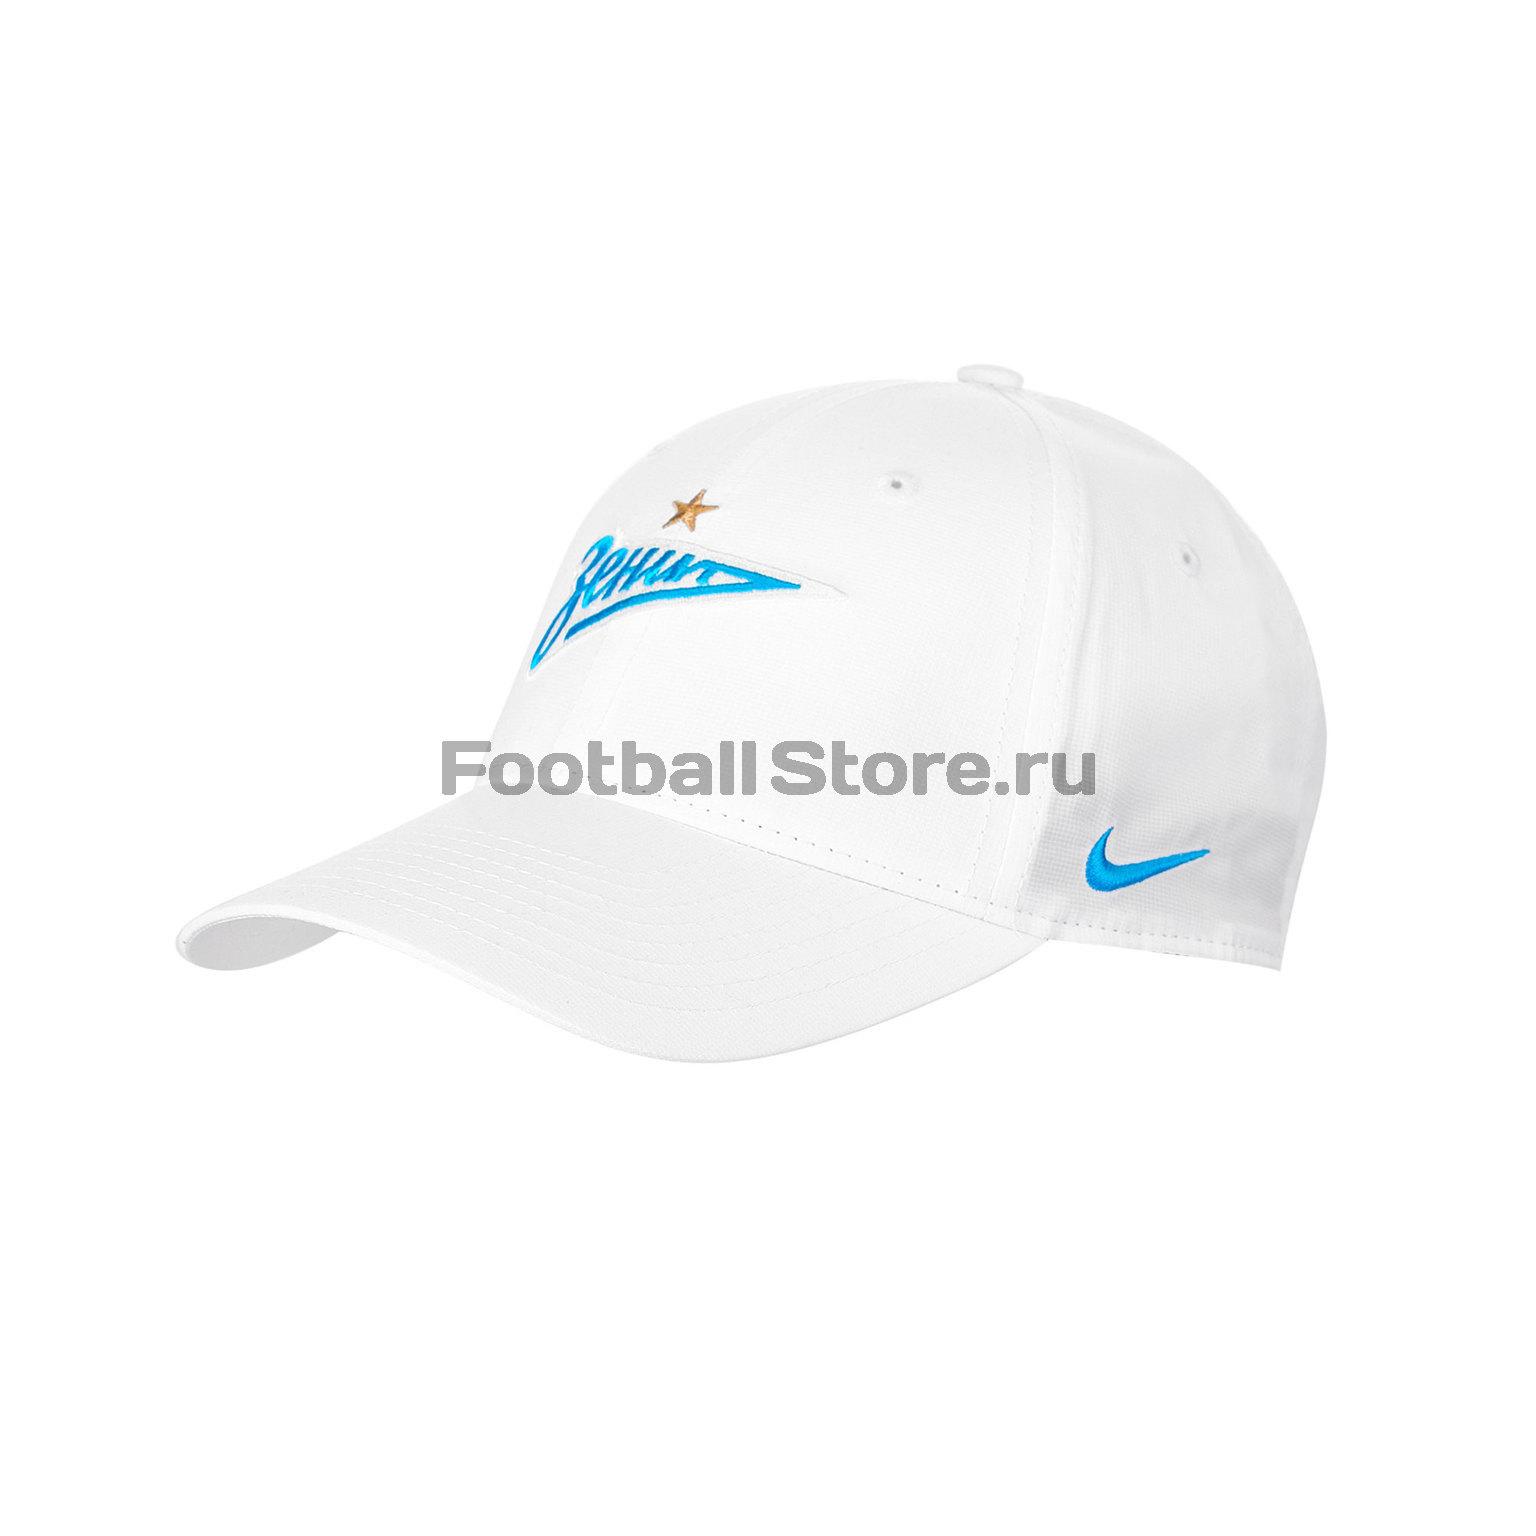 Бейсболка Nike Zenit BV6431-100 свитер детский nike 644469 100 dash ss 644469 100